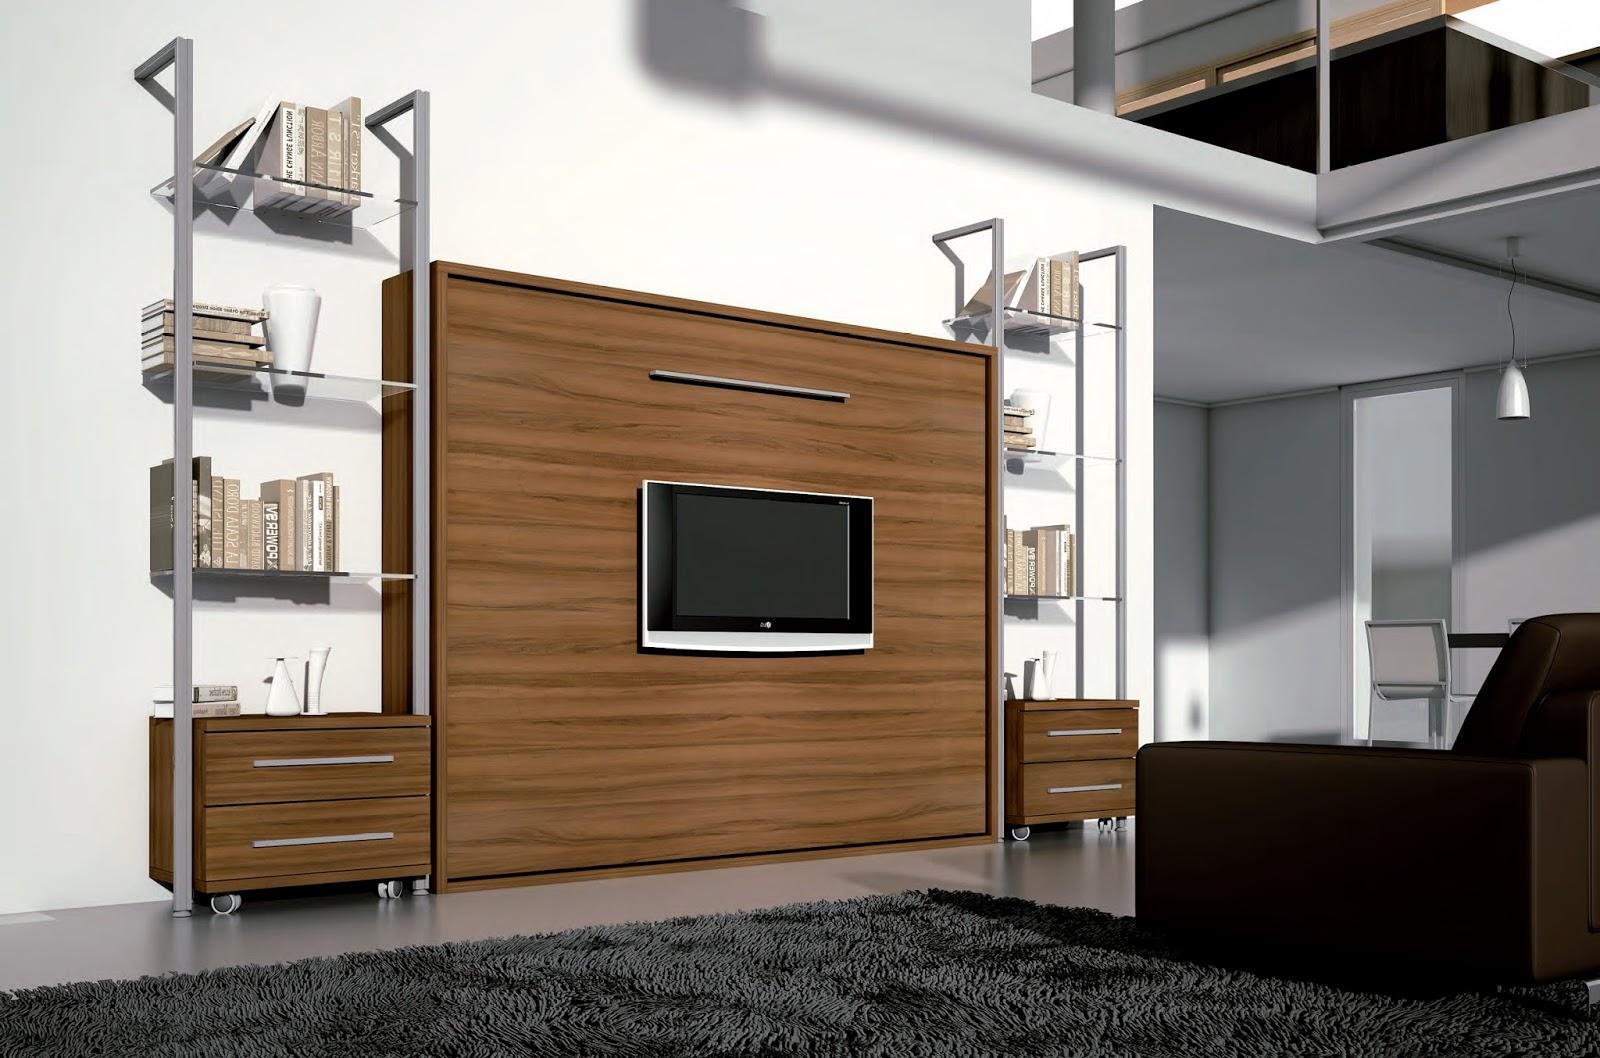 Arte h bitat tu tienda de muebles espacios peque os - Mueble salon con cama abatible ...